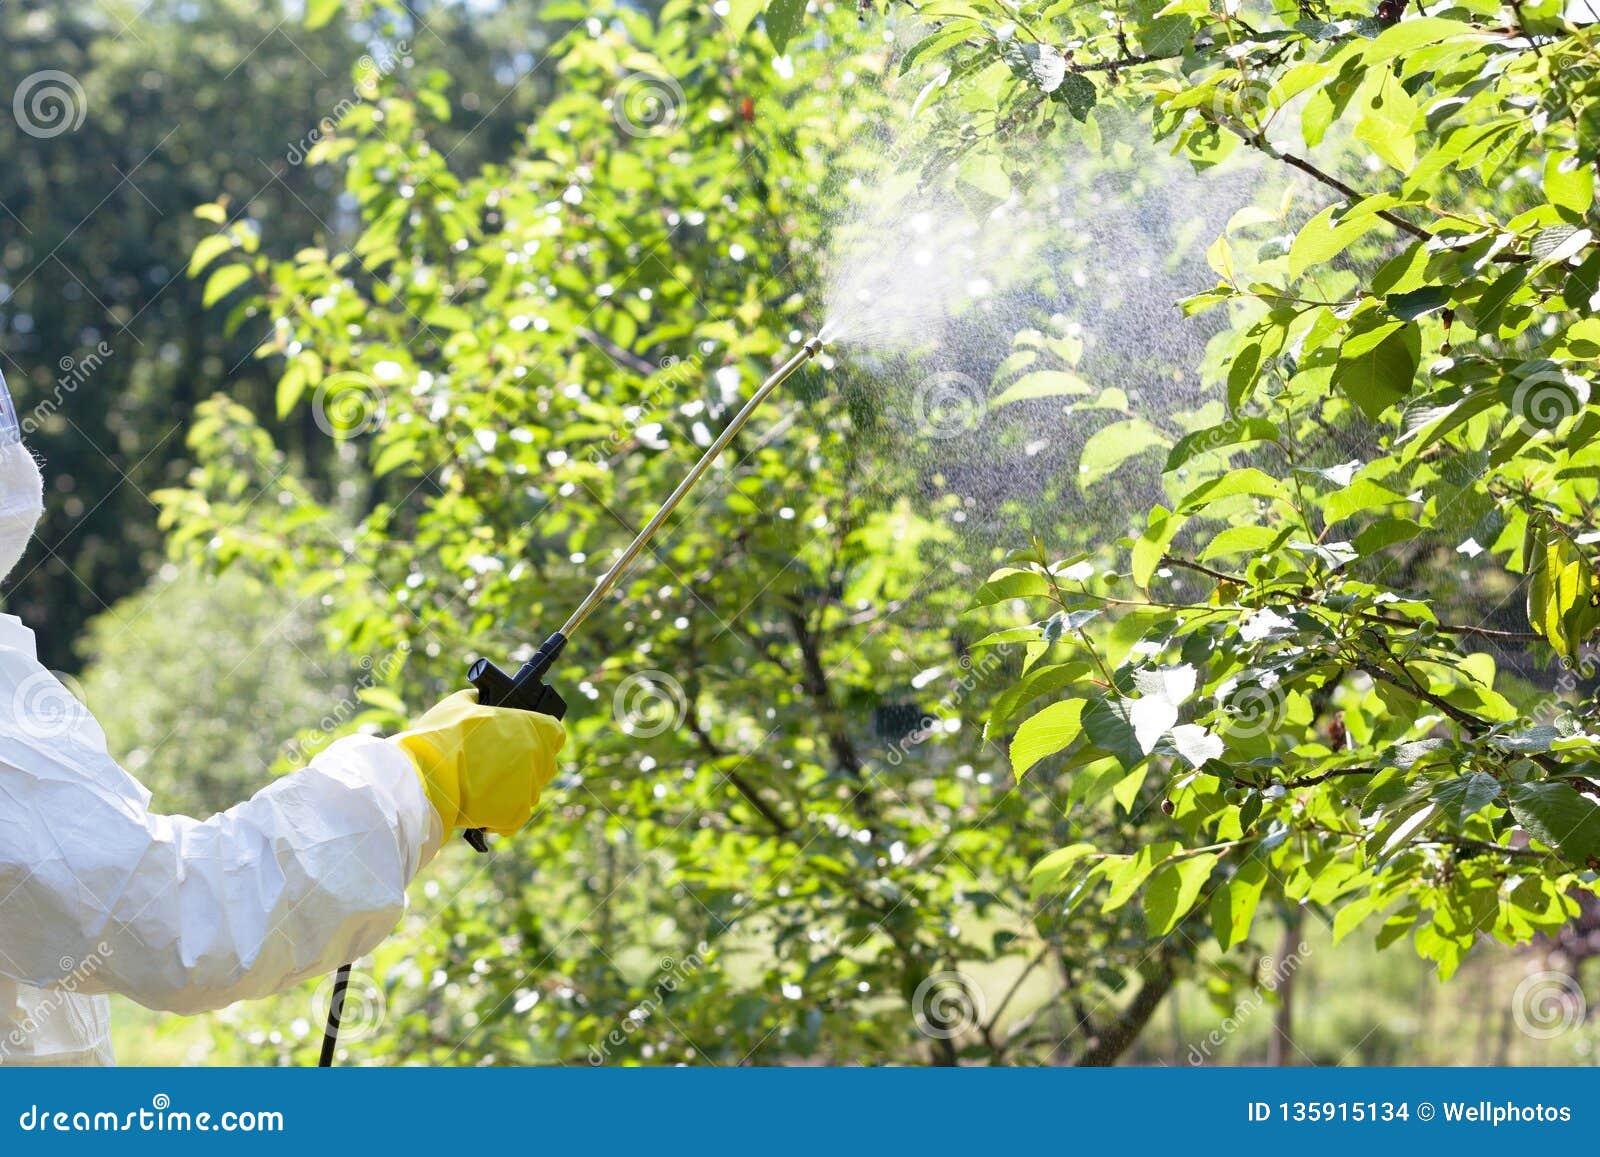 Średniorolnego opryskiwania toksyczni pestycydy lub flit w sadzie